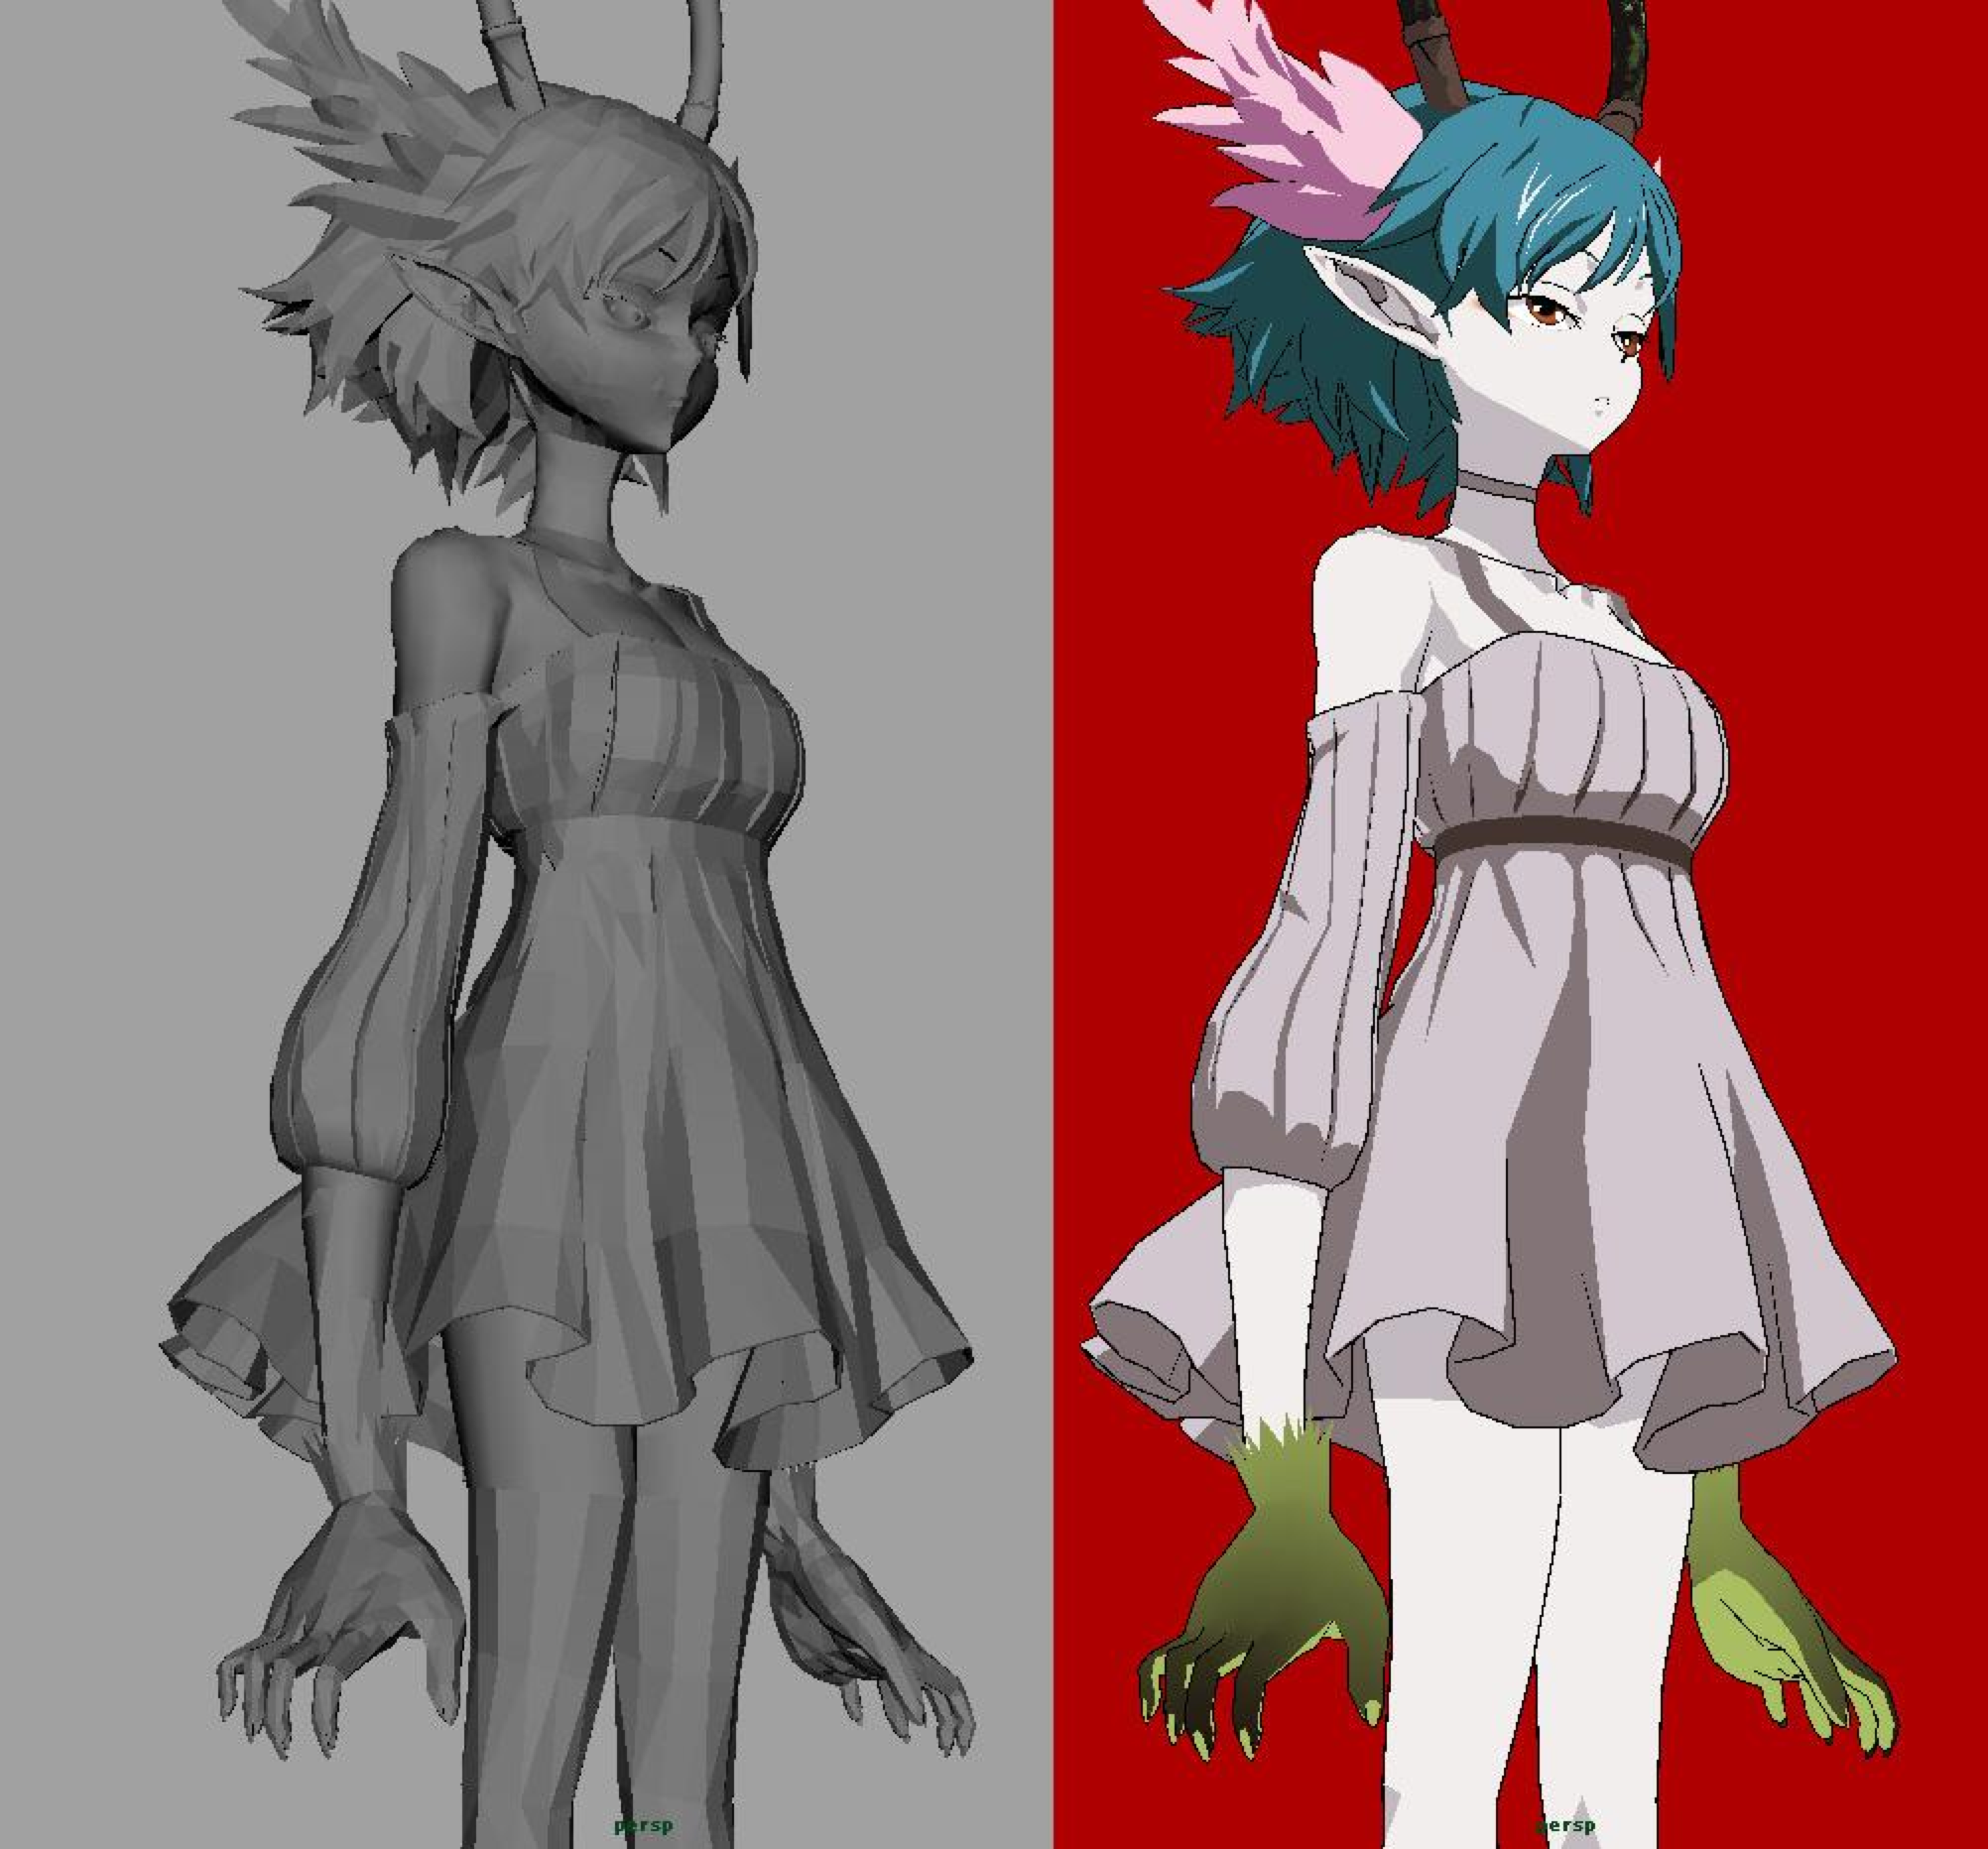 3d에 있는 kao님의 핀 3d 캐릭터 3d 모델링 그림